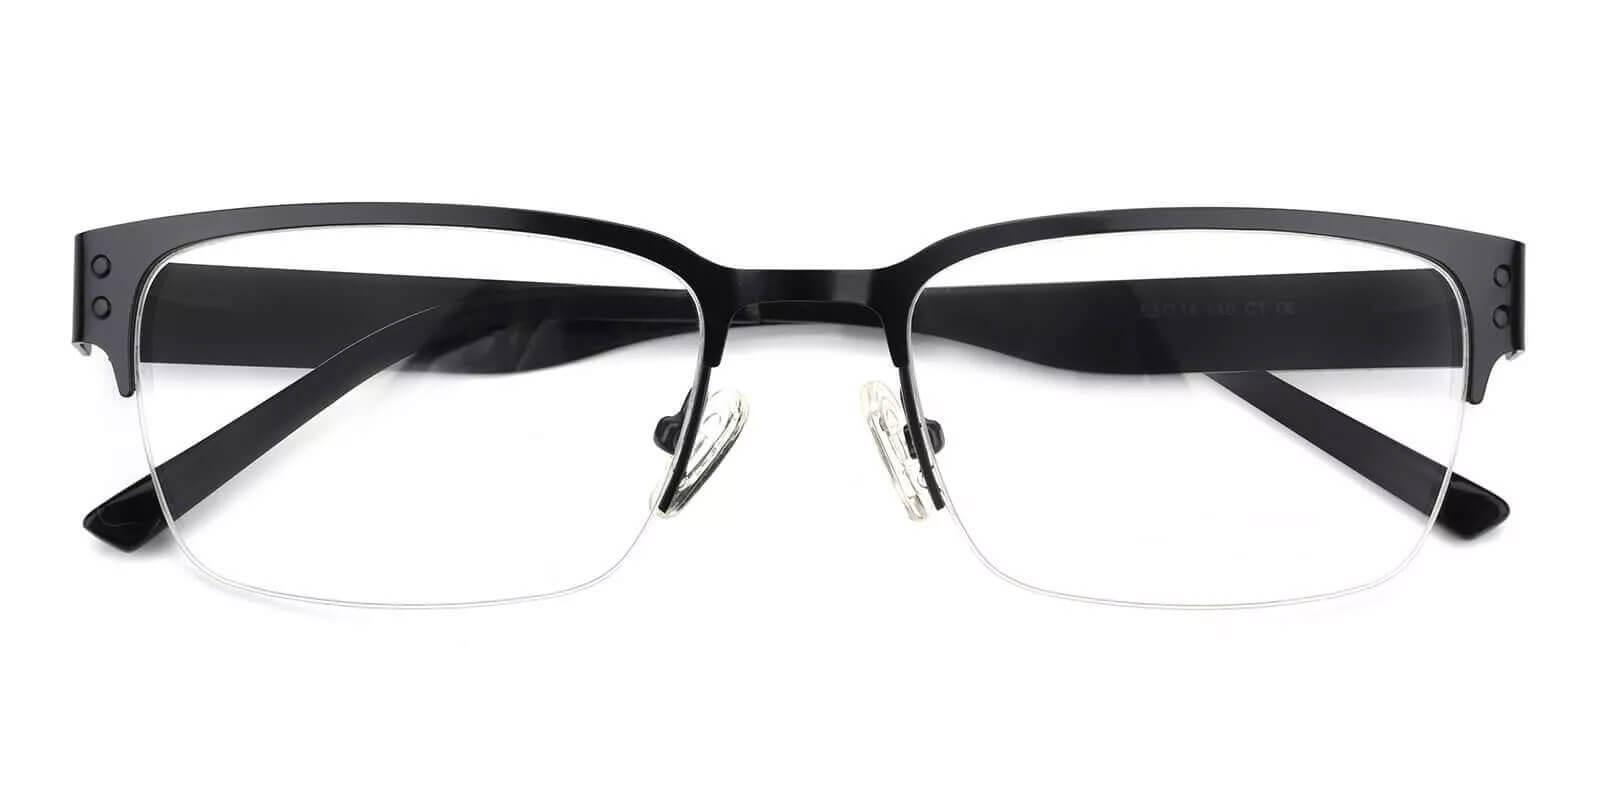 Levi Black Metal Eyeglasses , NosePads Frames from ABBE Glasses